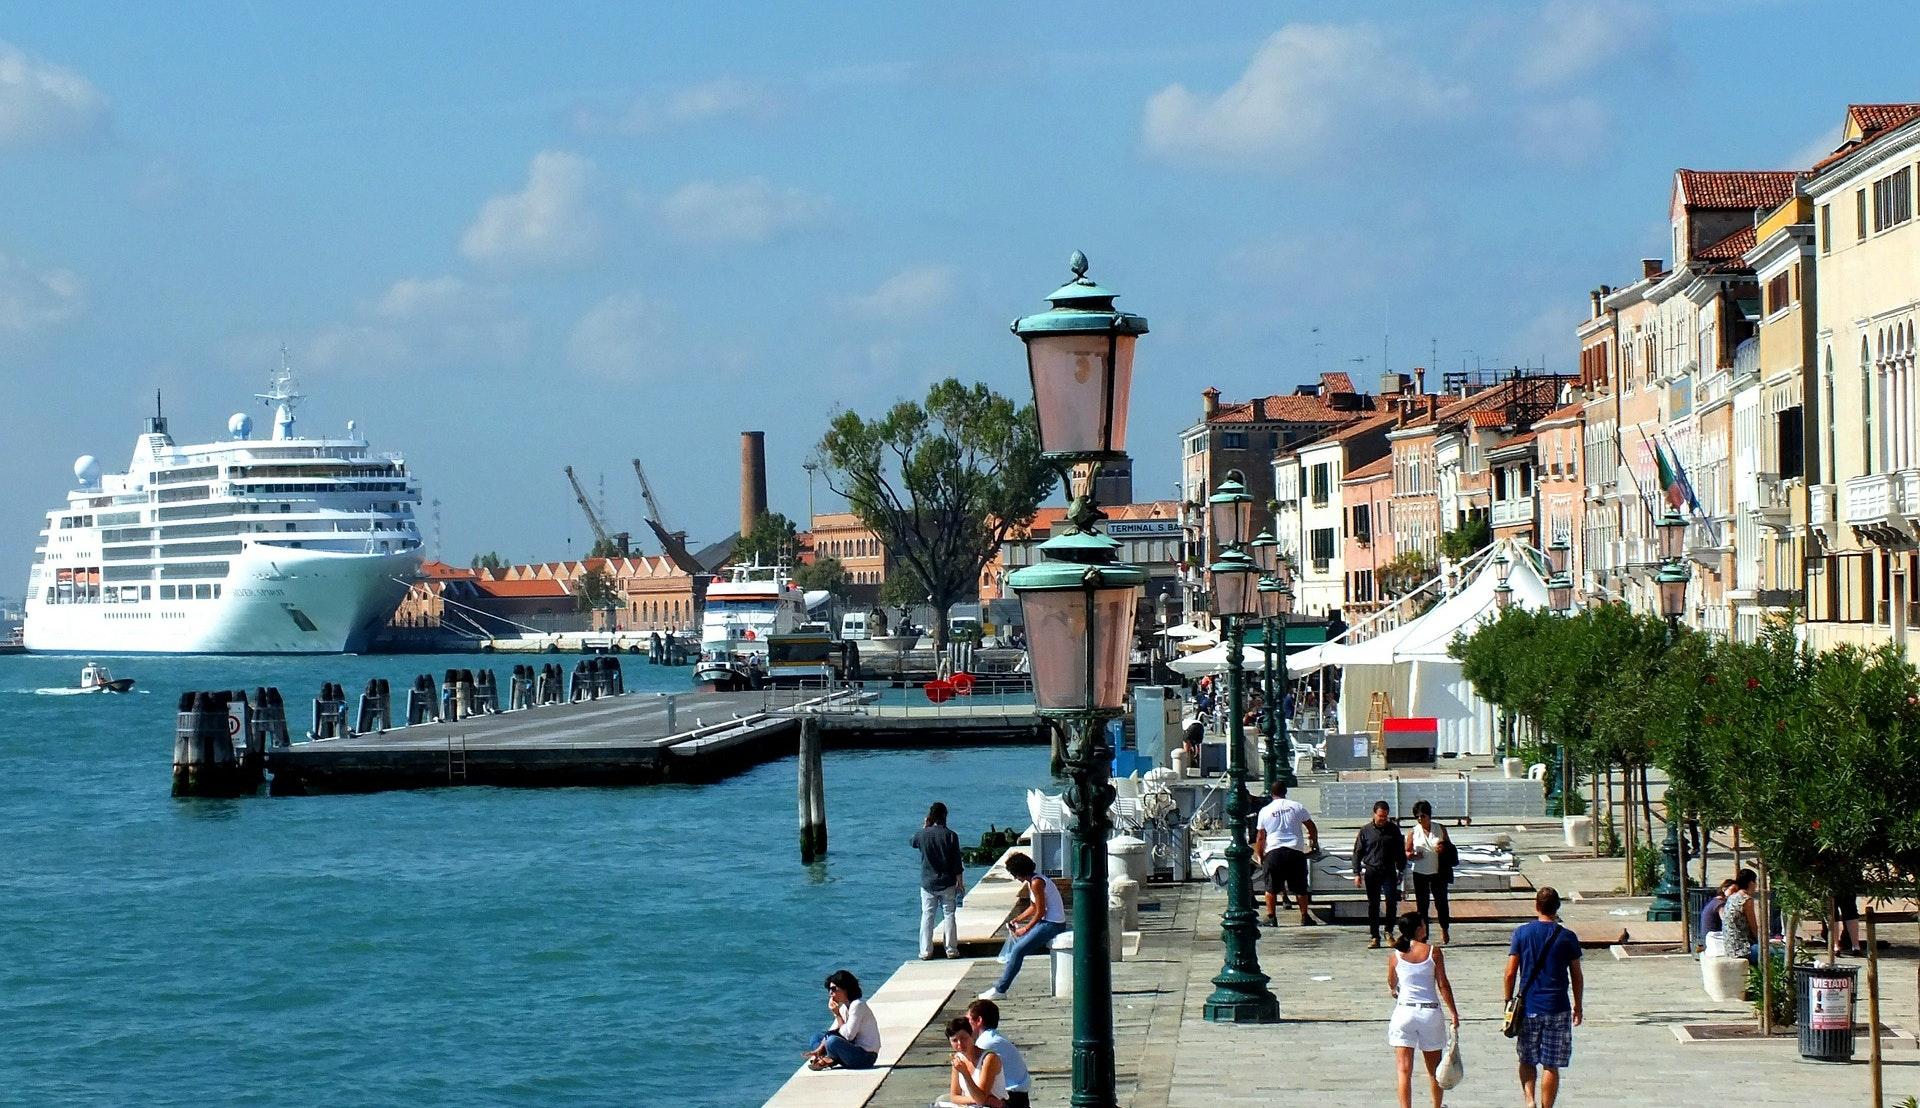 Cruiseskip til kai i Venezia © Edmund Hochmuth, Pixabay